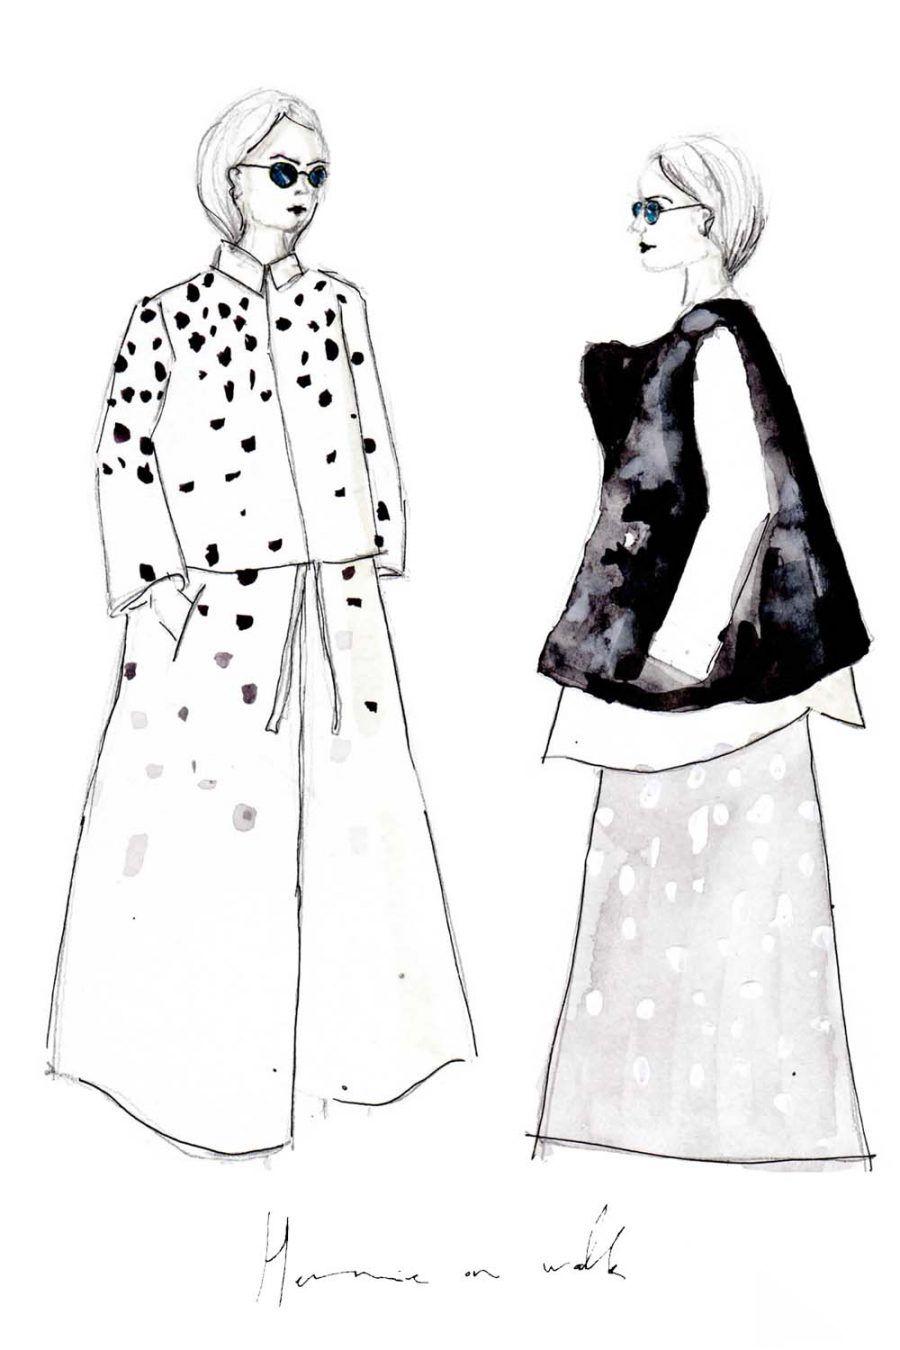 Erfahre, wie du deine deine eigenen Modezeichnungen erstellen kannst und auf was du achten musst + einfach Erklärung in 3 Schritten. Fashion Illustrations | Fashionsketch | Fashionsketchbook | ModeIillustration | Hermine on walk